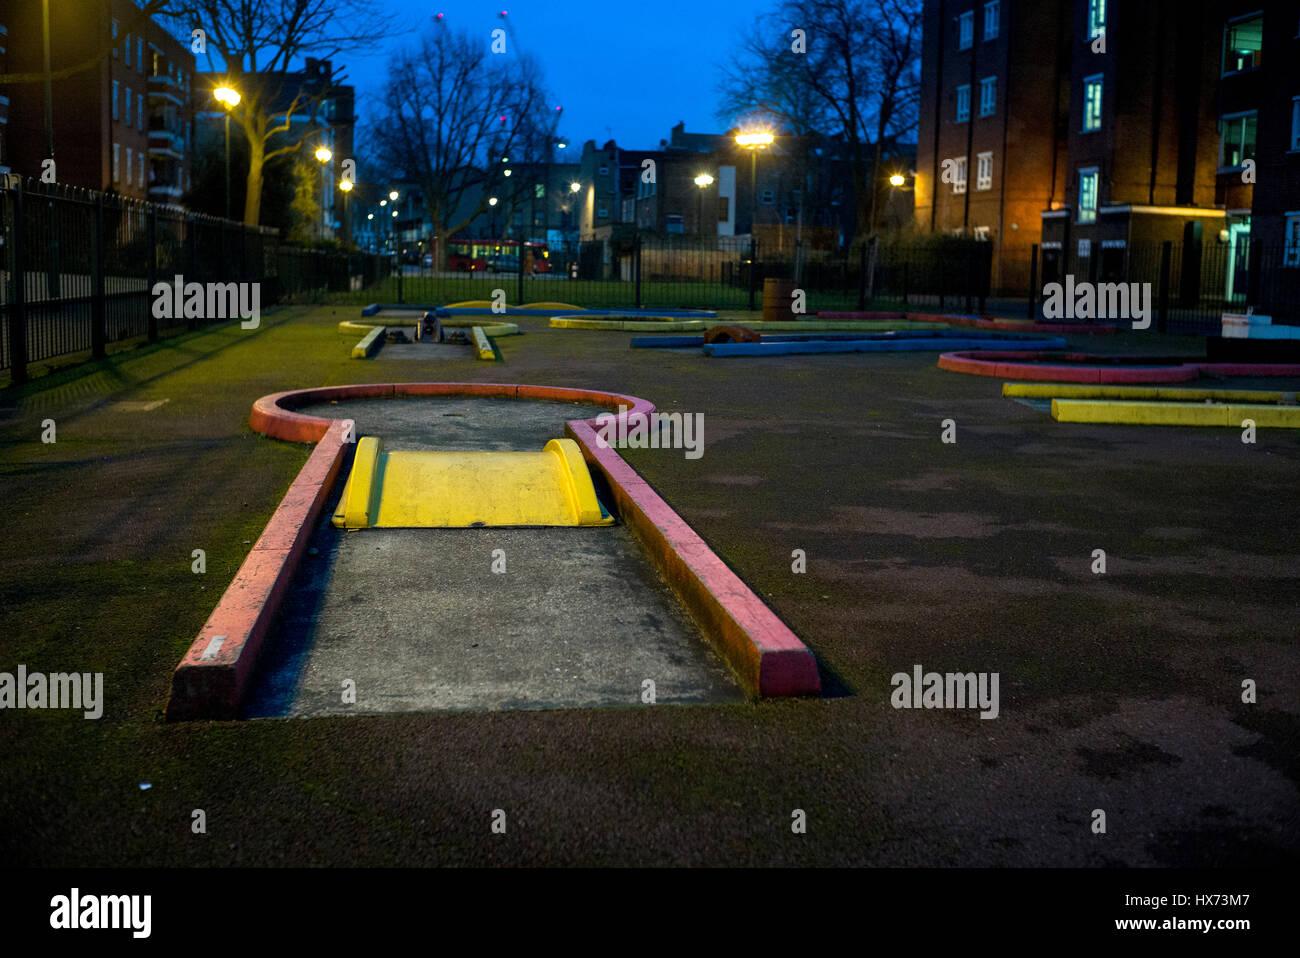 camden council estate crazy golf playground - Stock Image